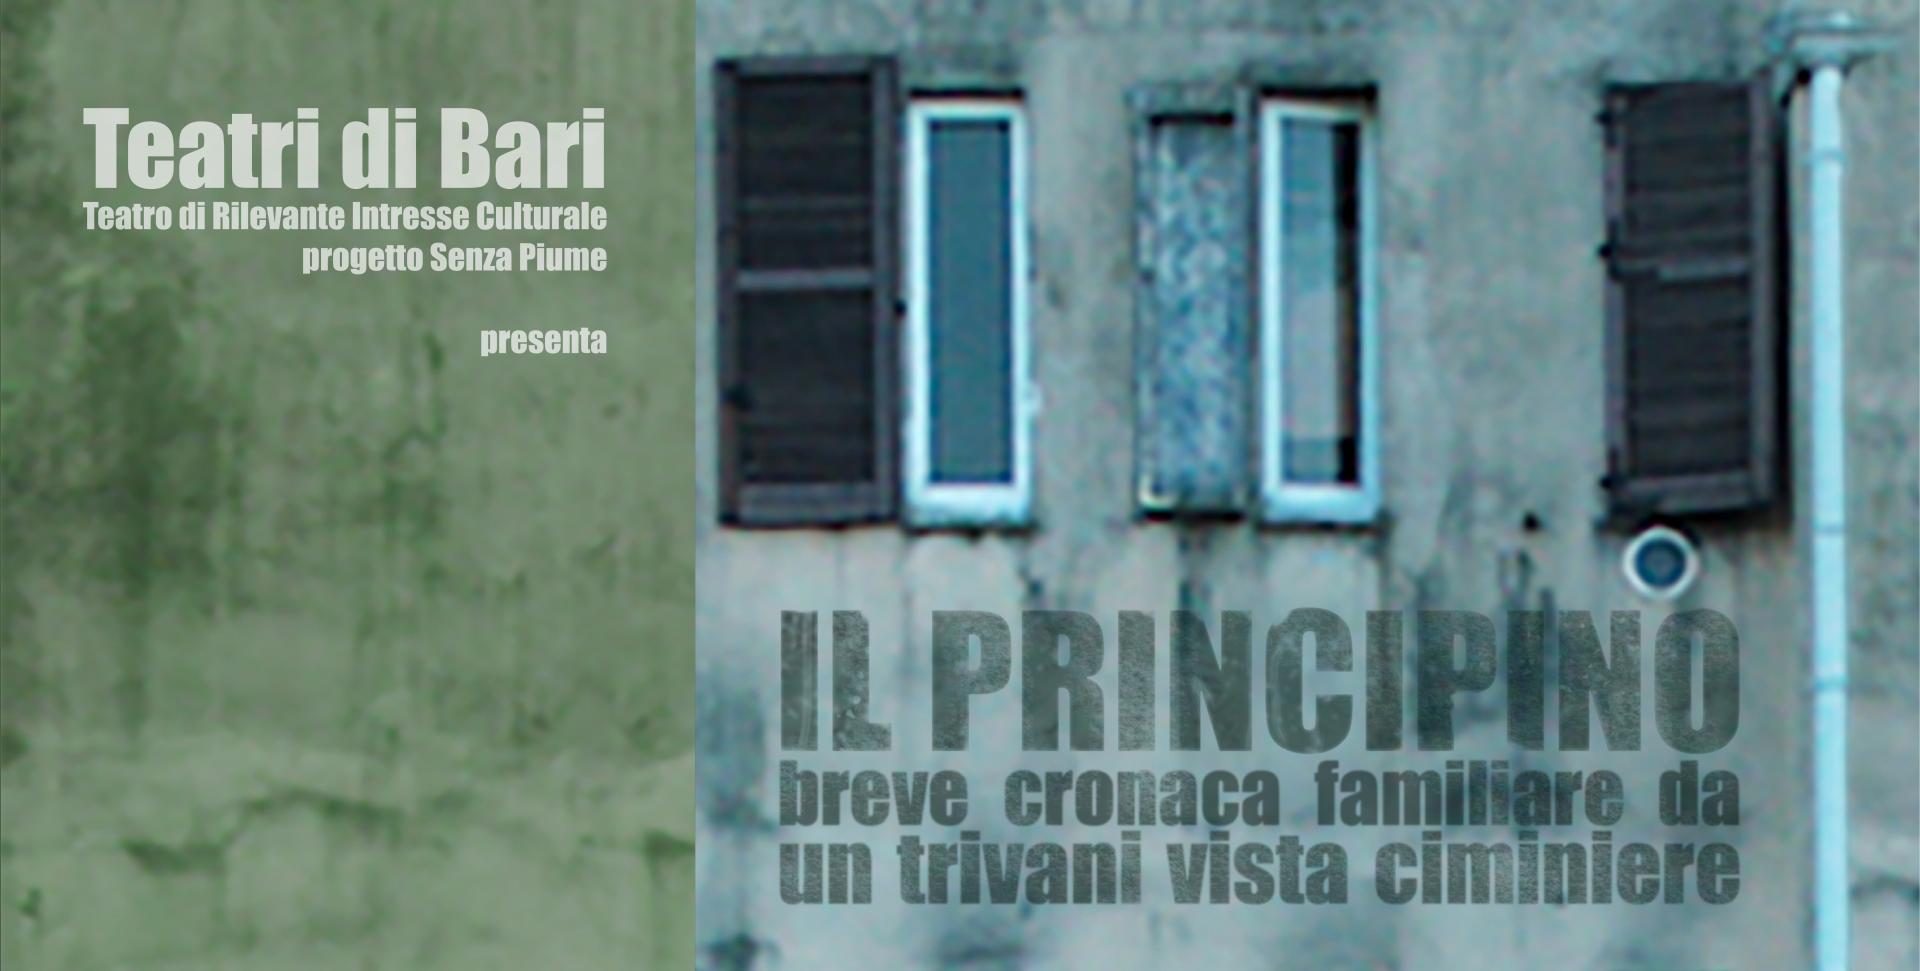 La Credenza Bari : Il principino teatri di bari archive